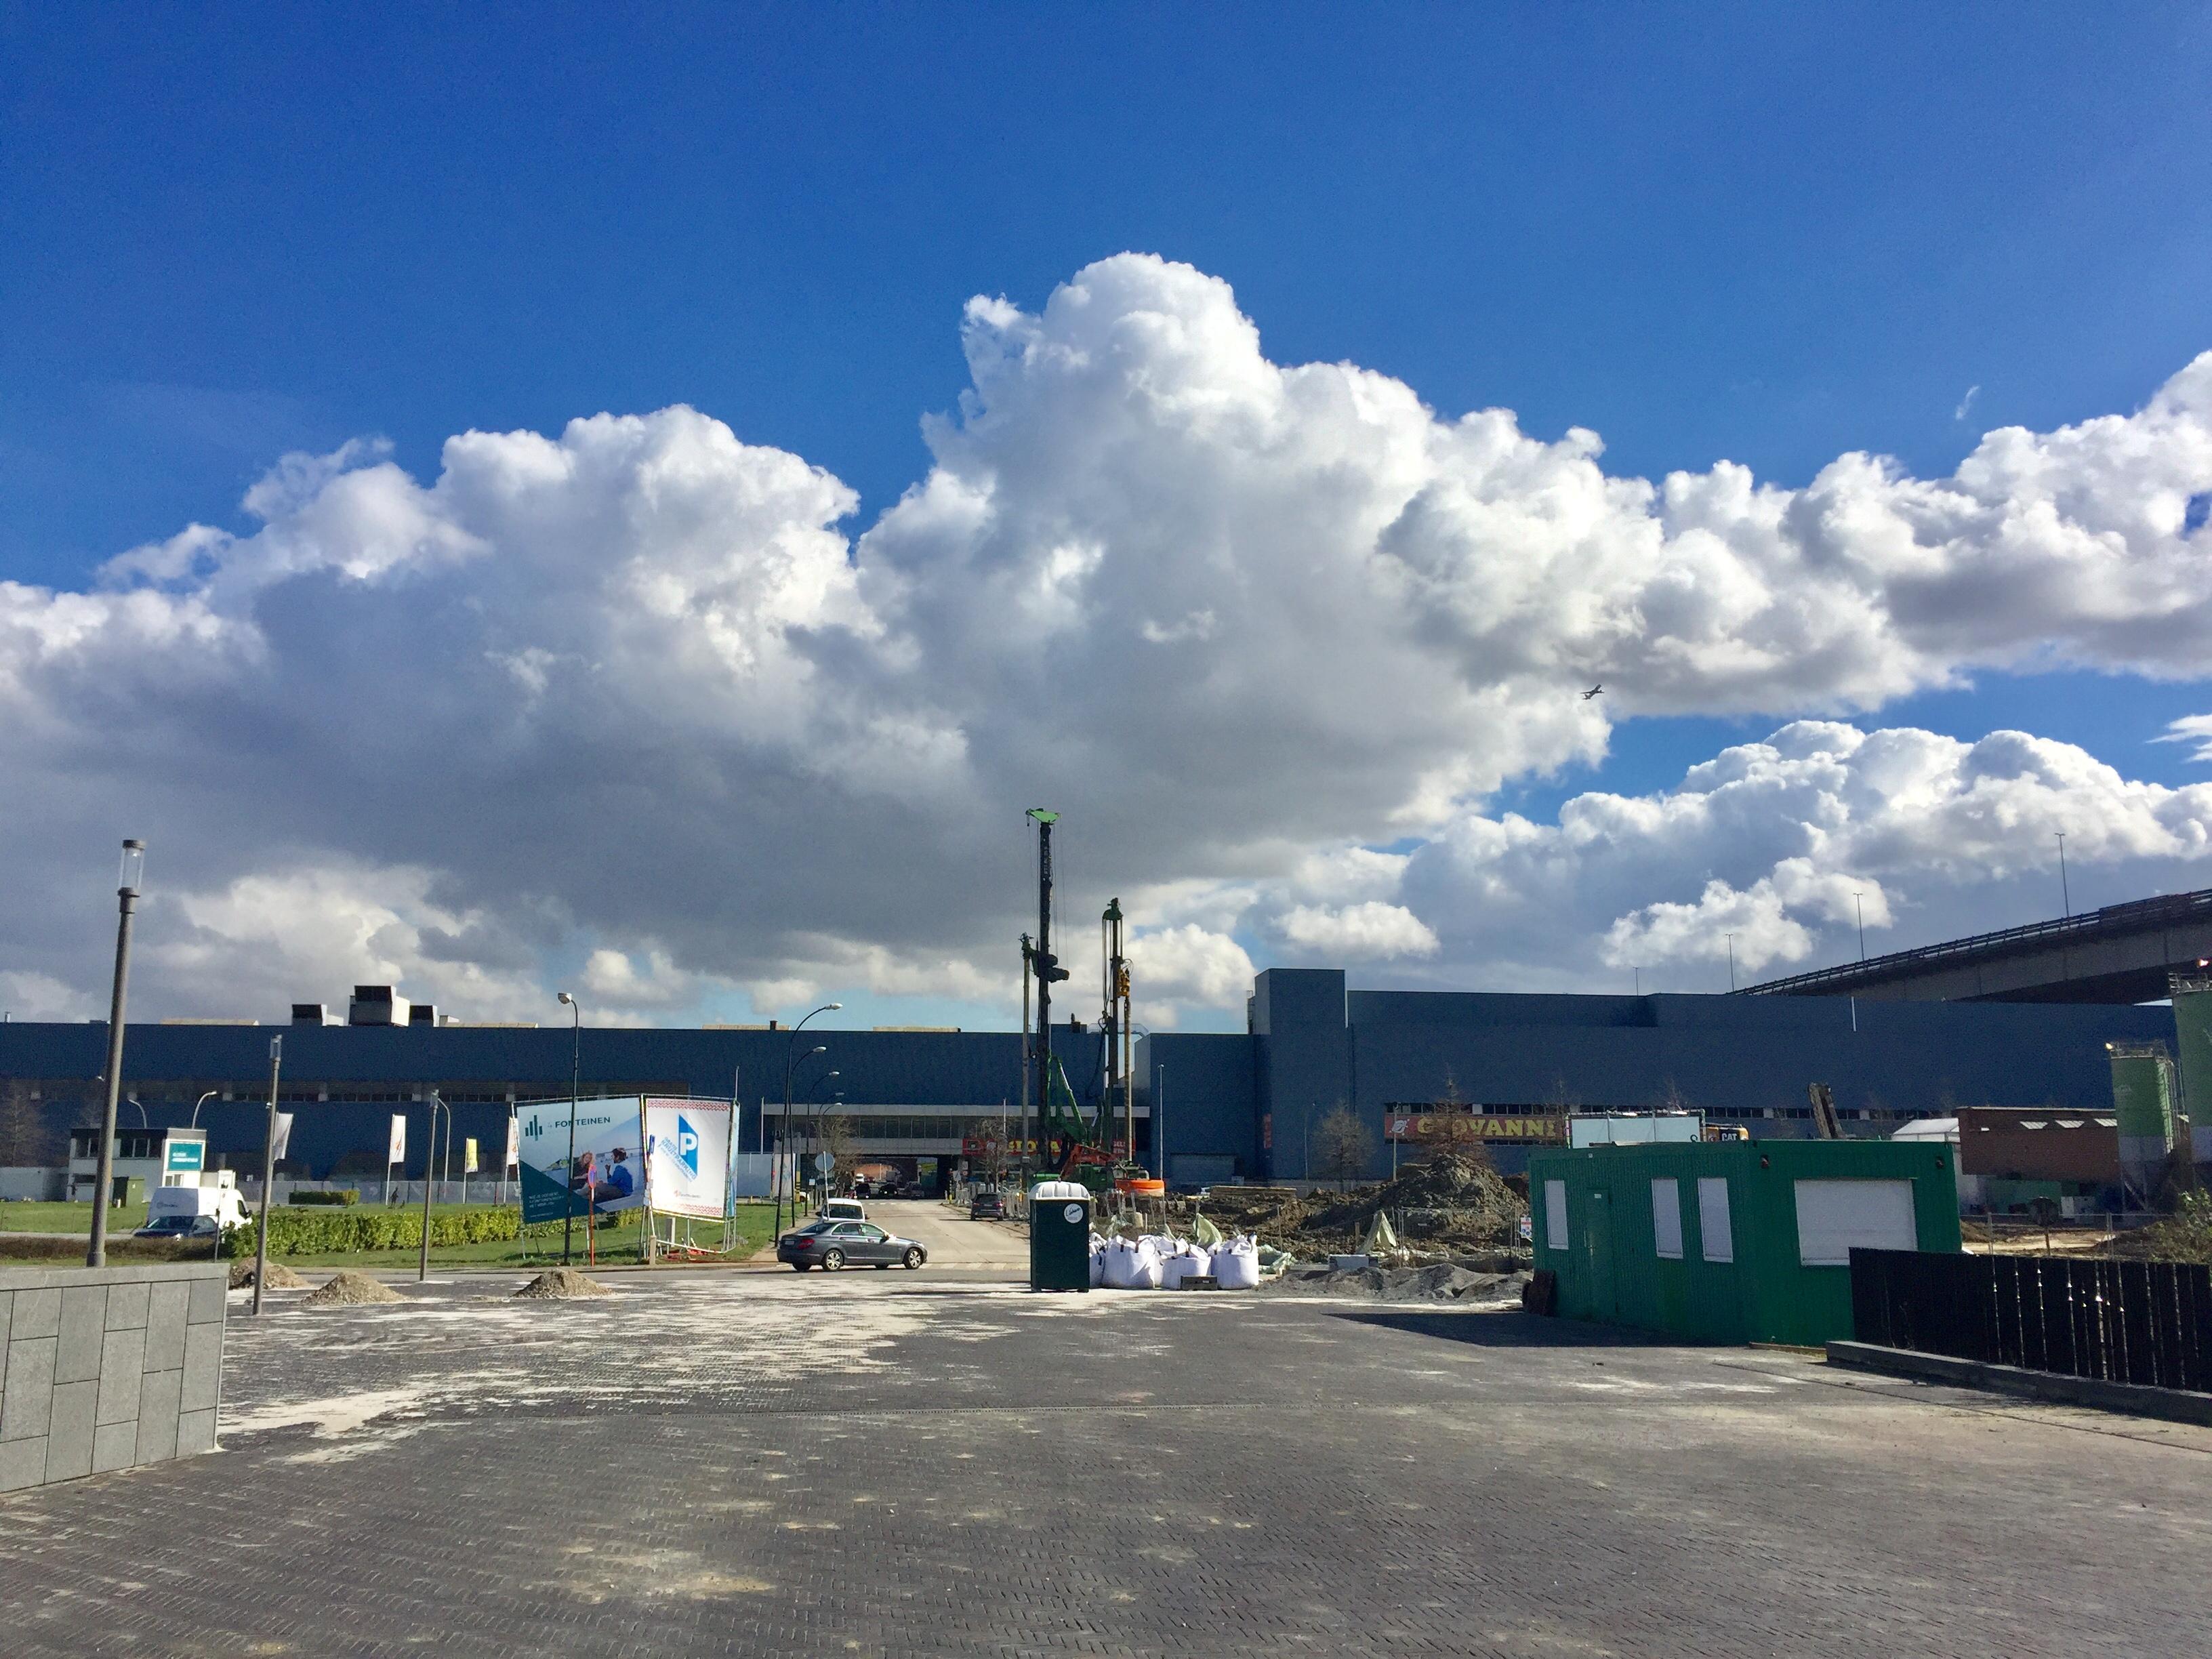 Blik op de Renaultfabriek in Vilvoorde FOTO VerkeersNet